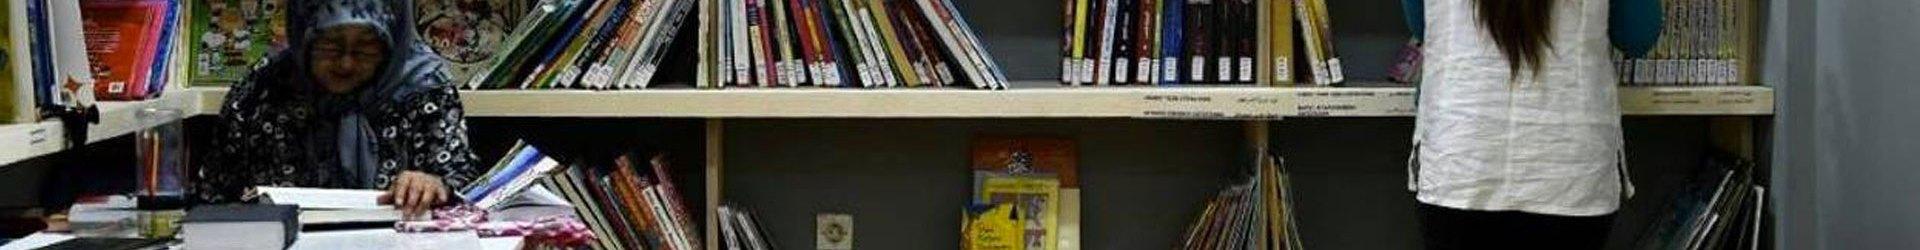 We need books – Des livres pour les réfugiés